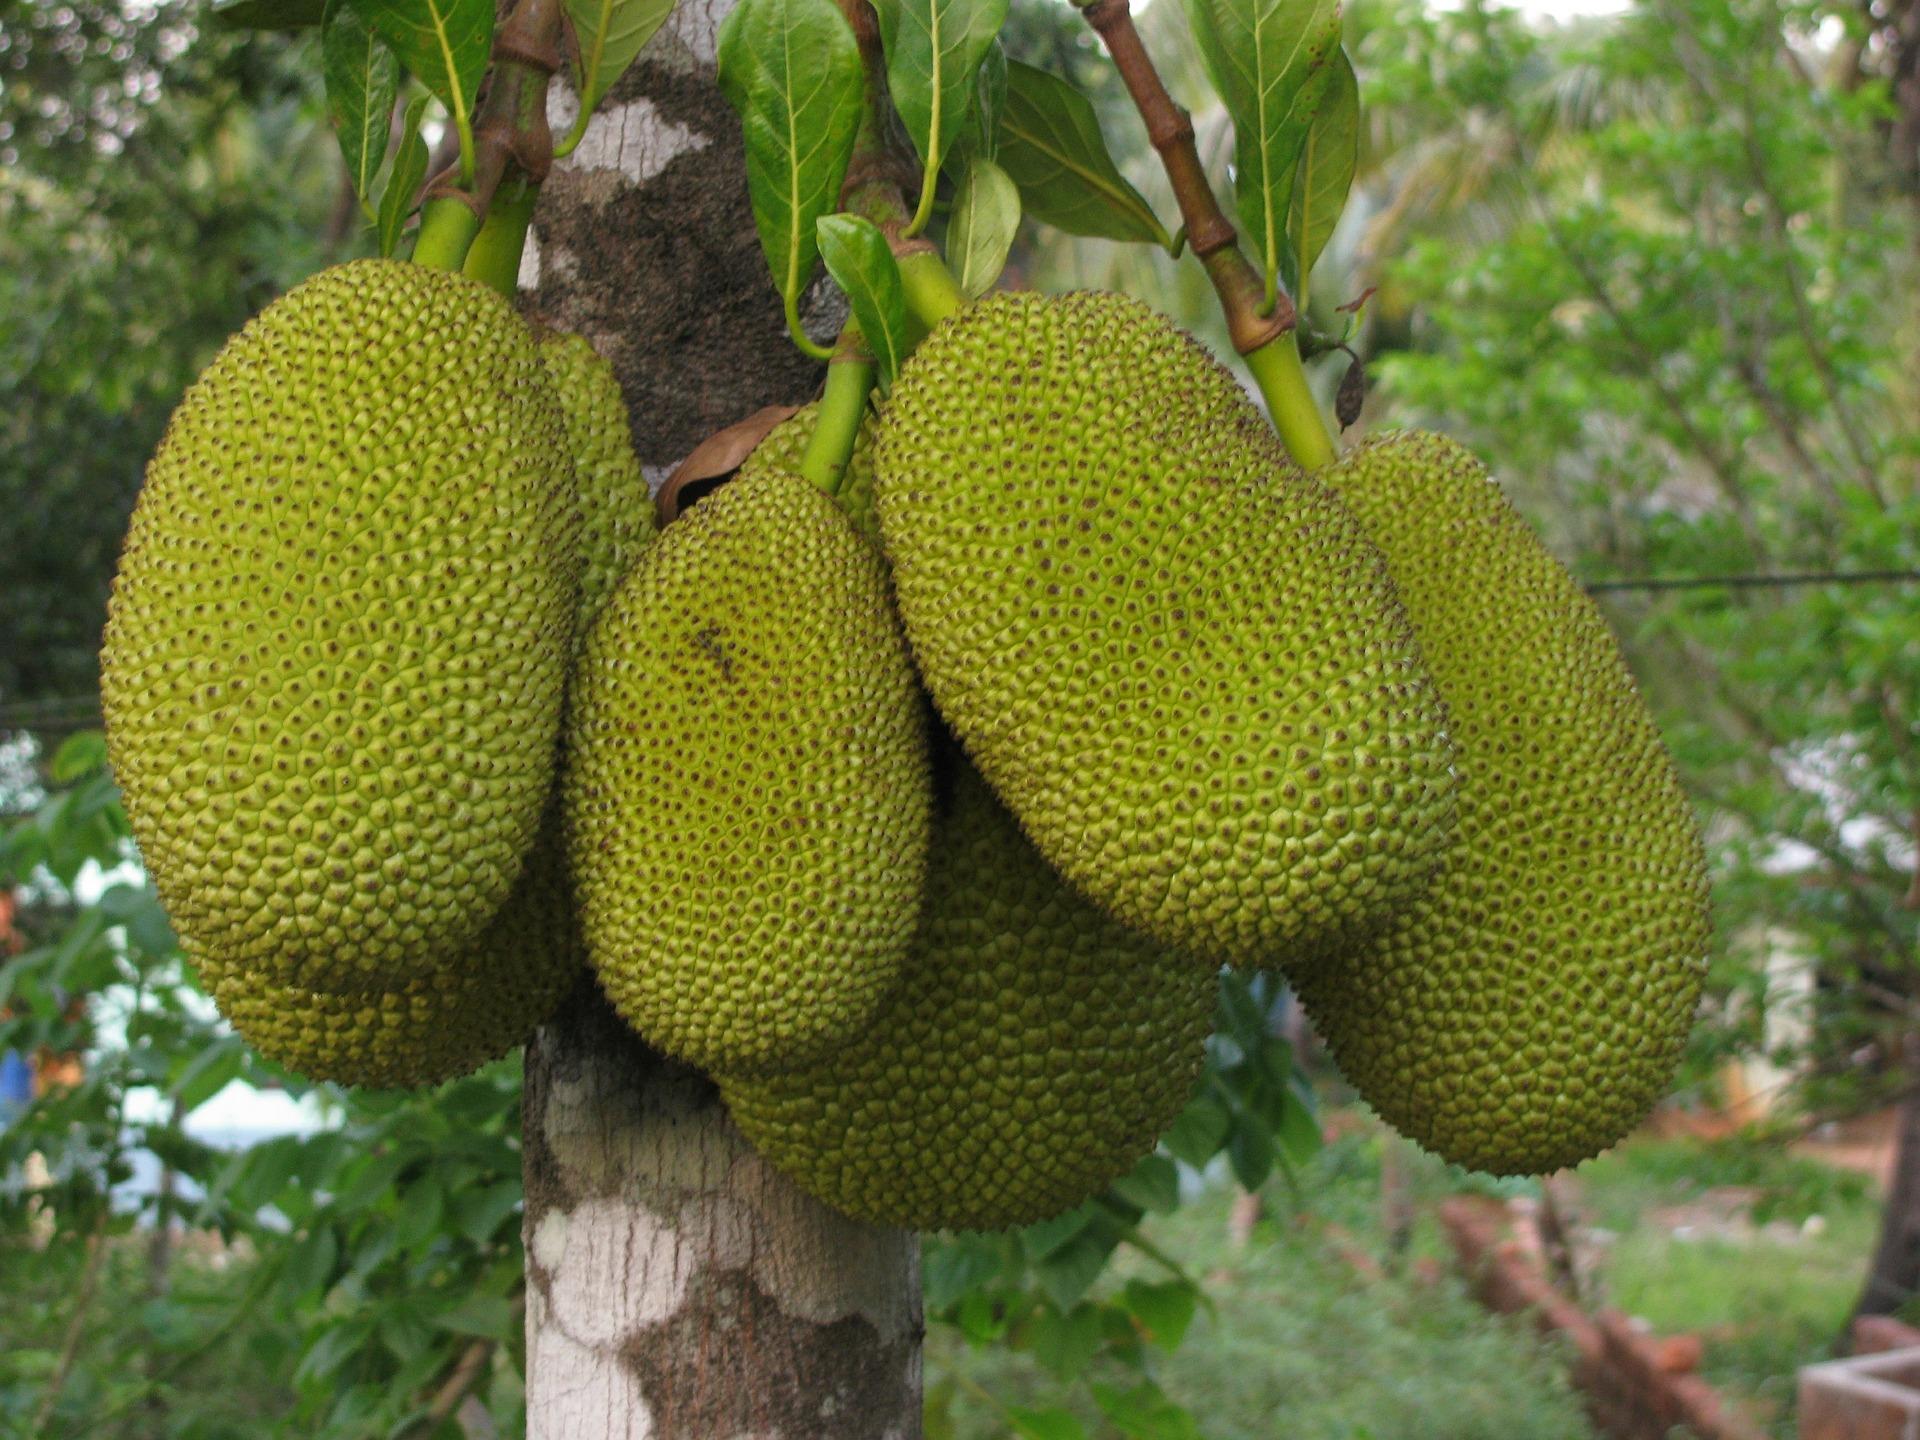 Экзотические фрукты Шри-Ланки Джекфрукт